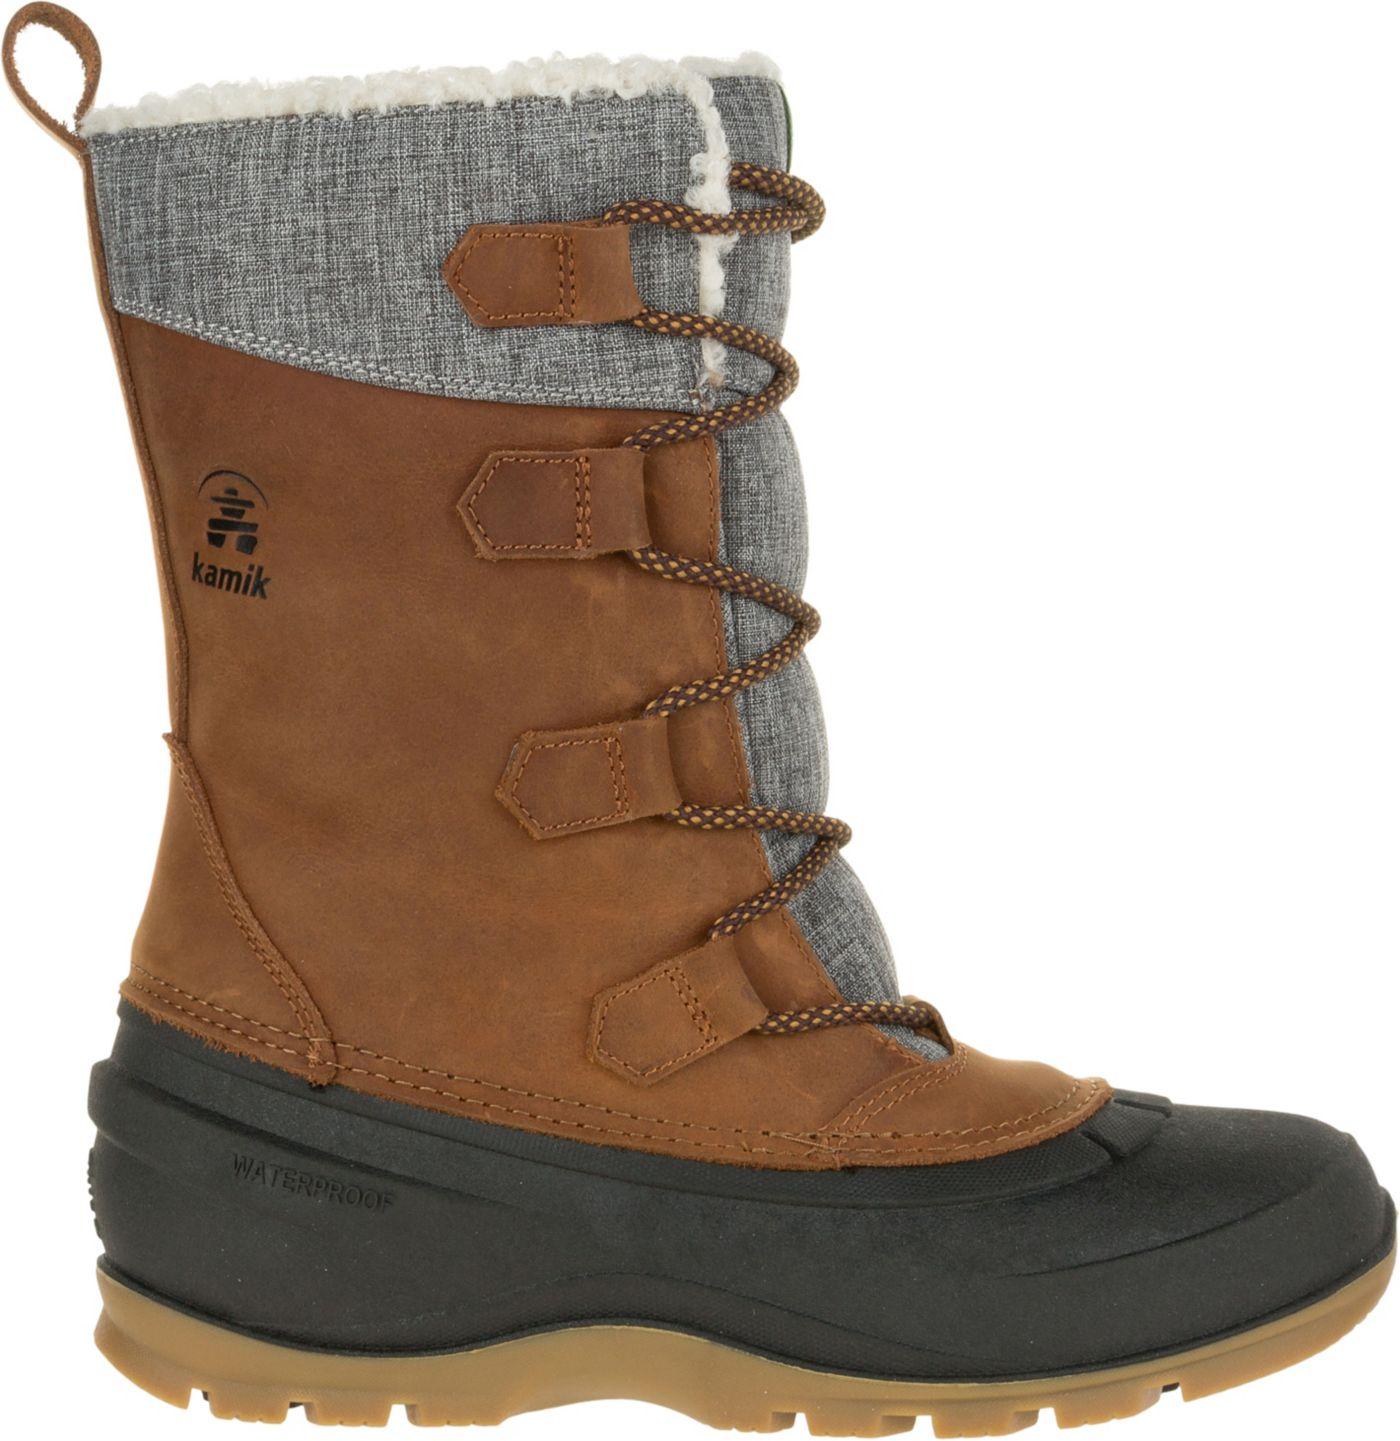 Kamik Women's Snowgem 200g Waterproof Winter Boots